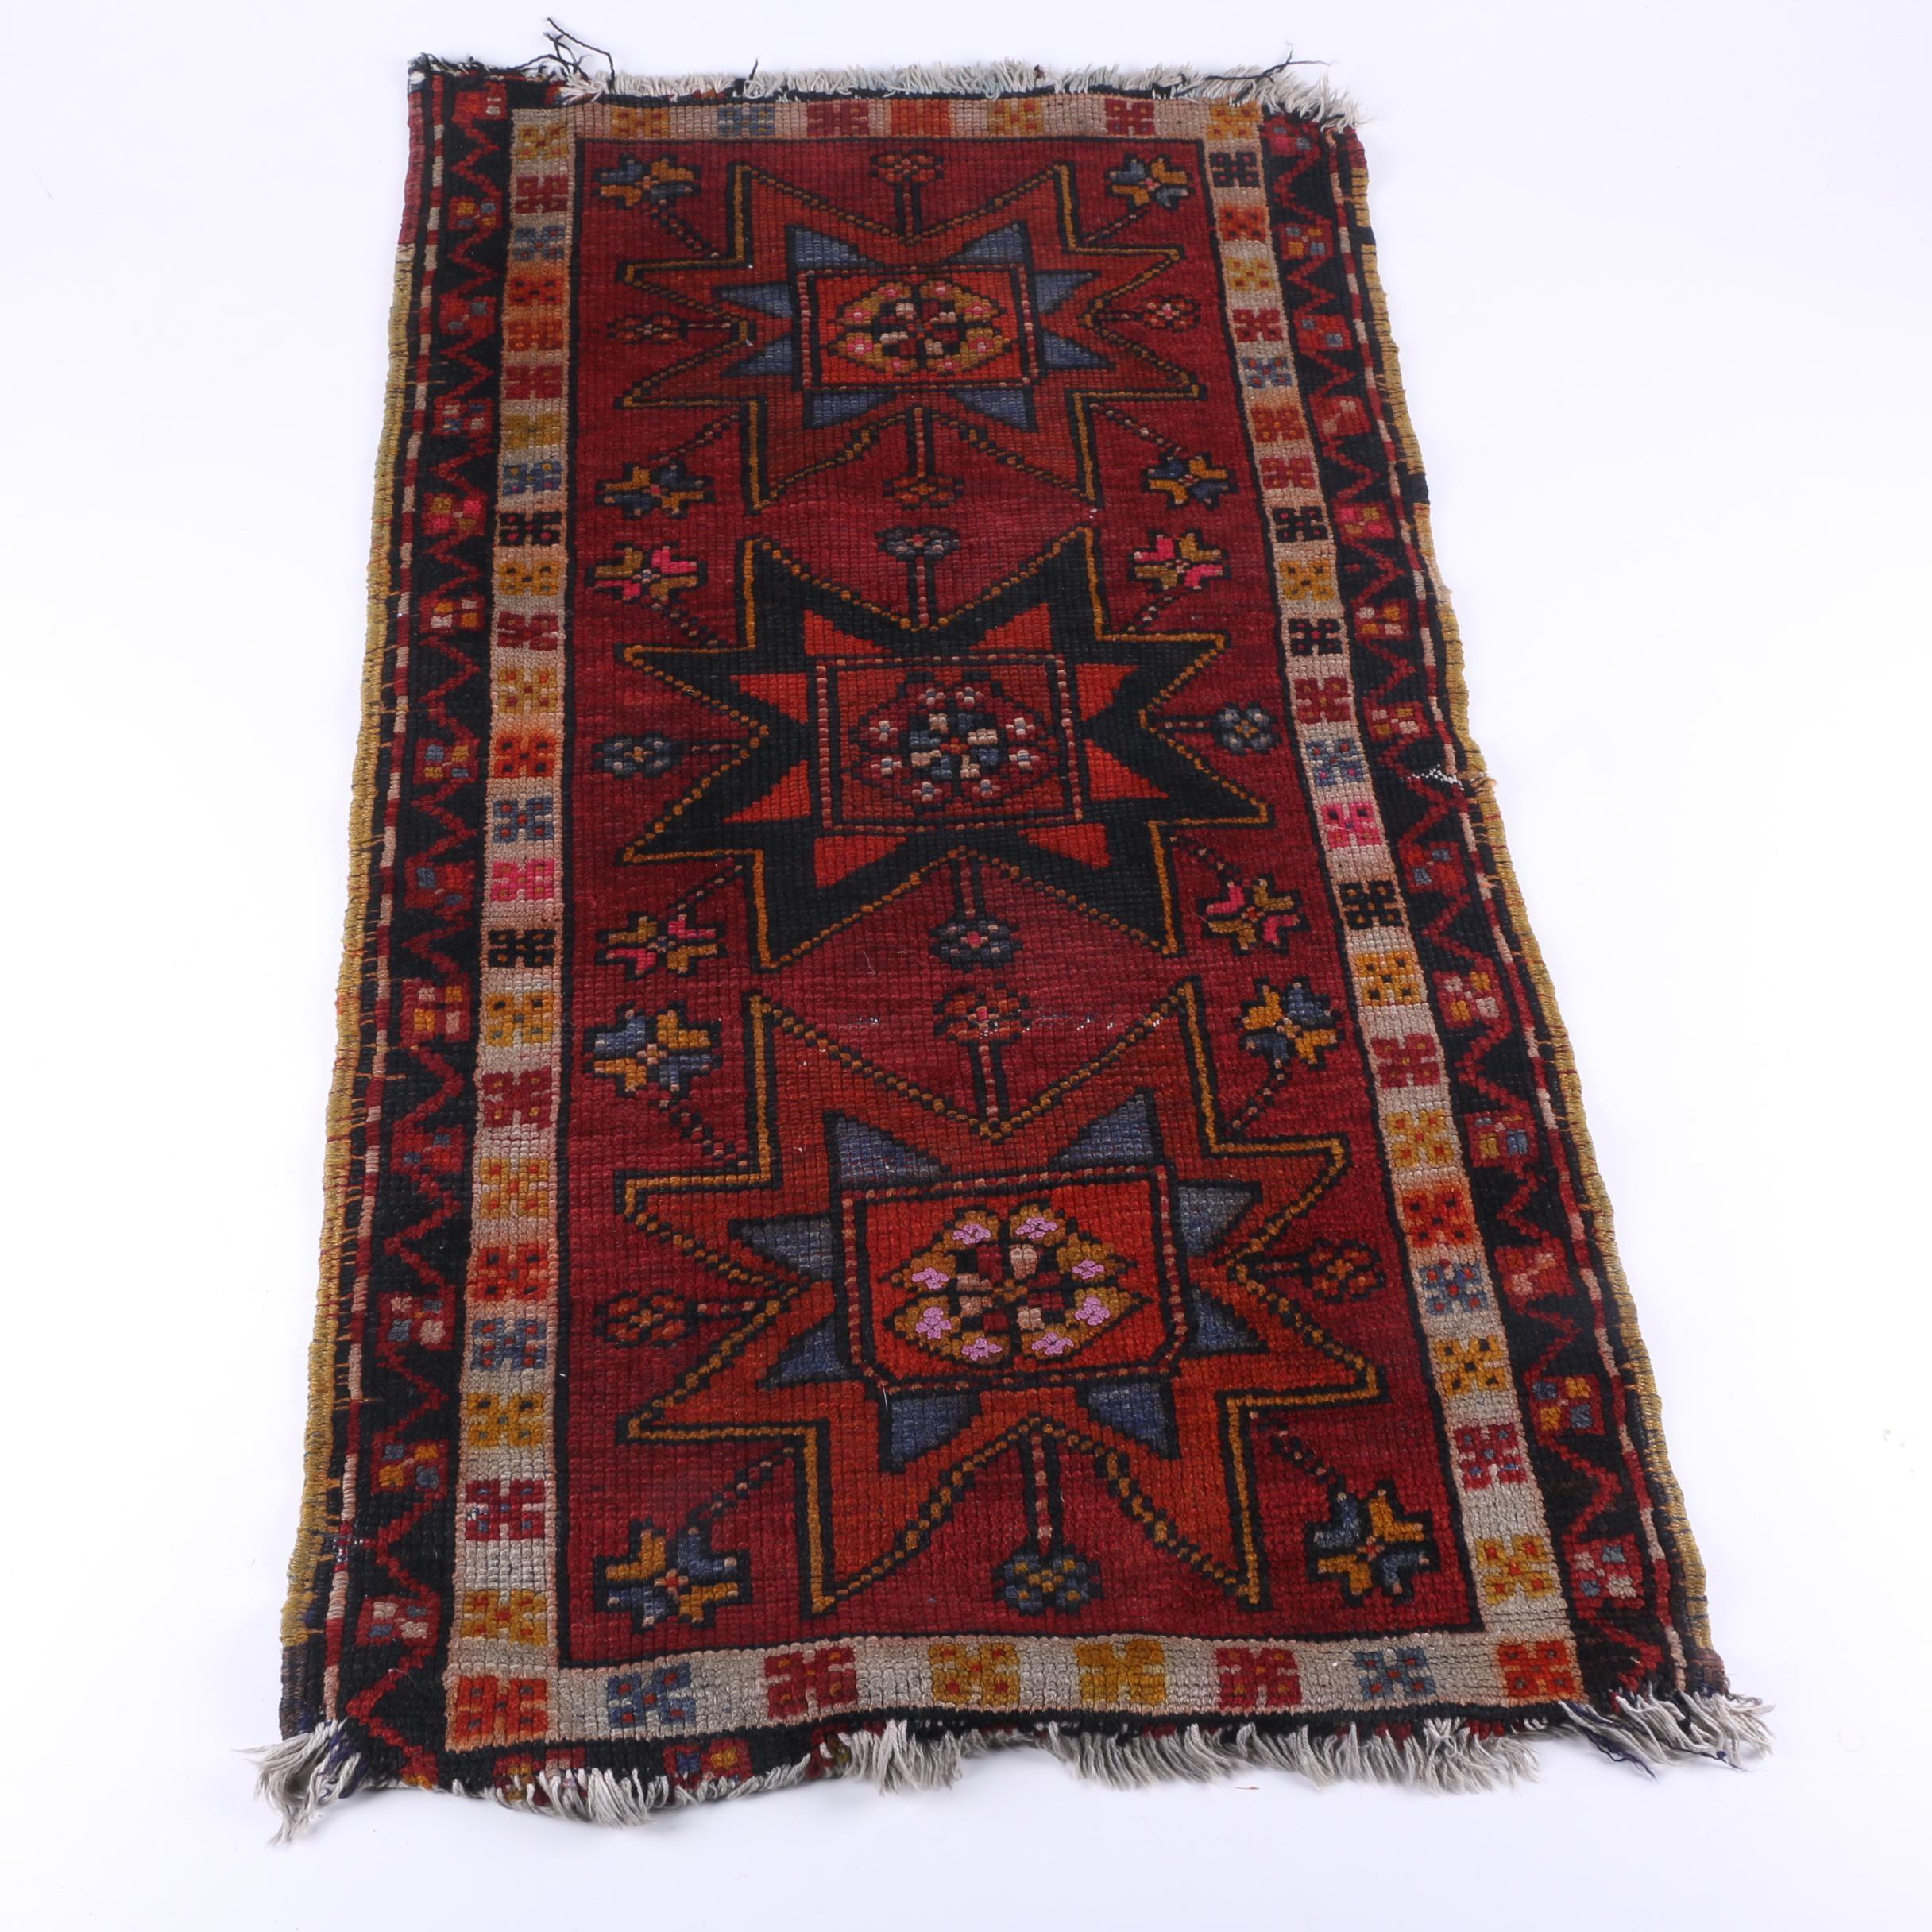 Vintage Handwoven Kazak Wool Accent Rug